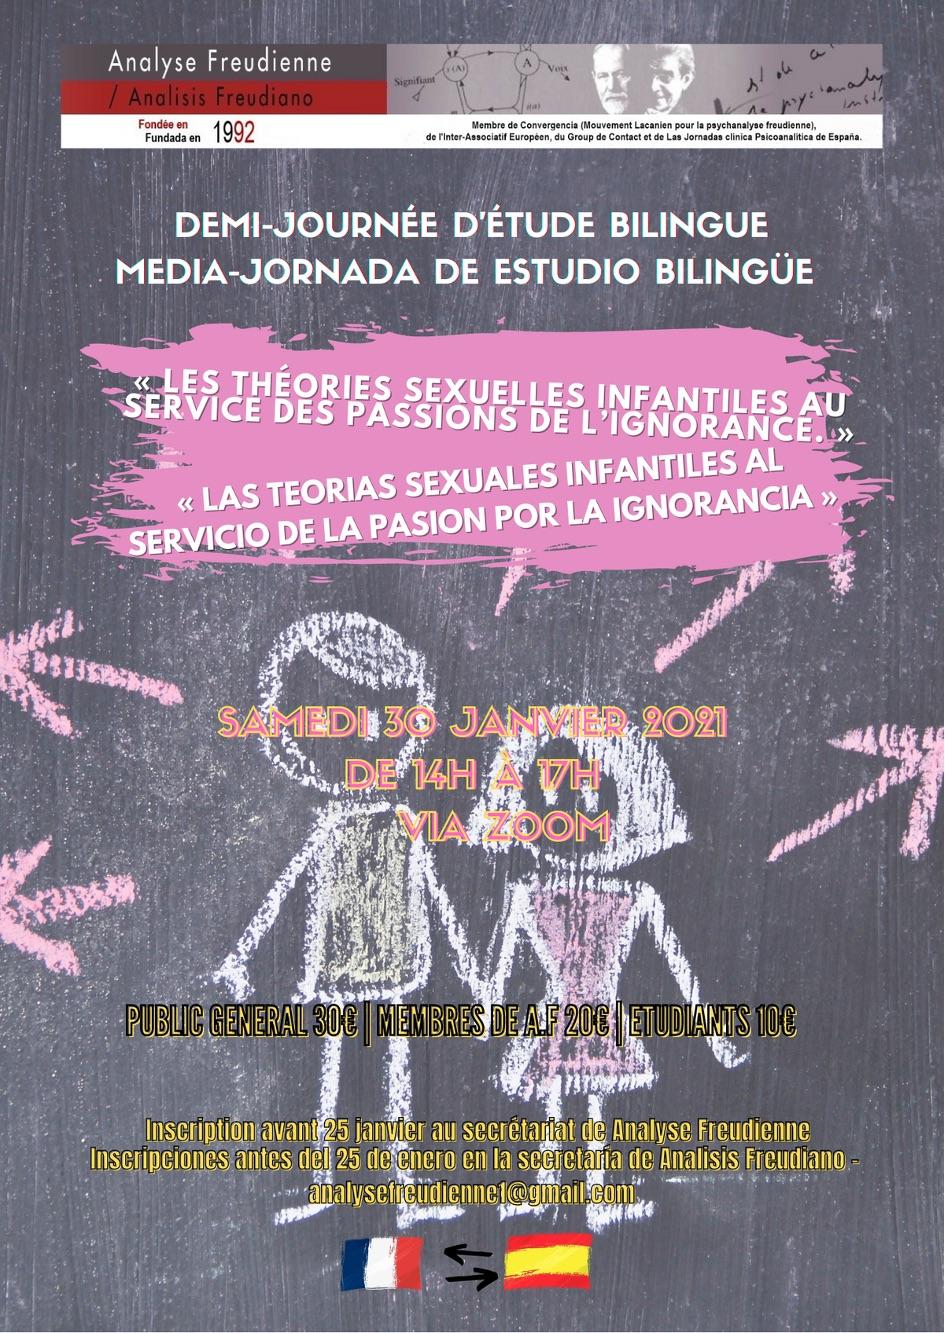 Paris Demi journée d'étude – « Les théories sexuelles infantiles au service des passions de l'ignorance. » – Samedi 30 Janvier 2021 -EN VISIOCONFÉRENCE -ZOOM